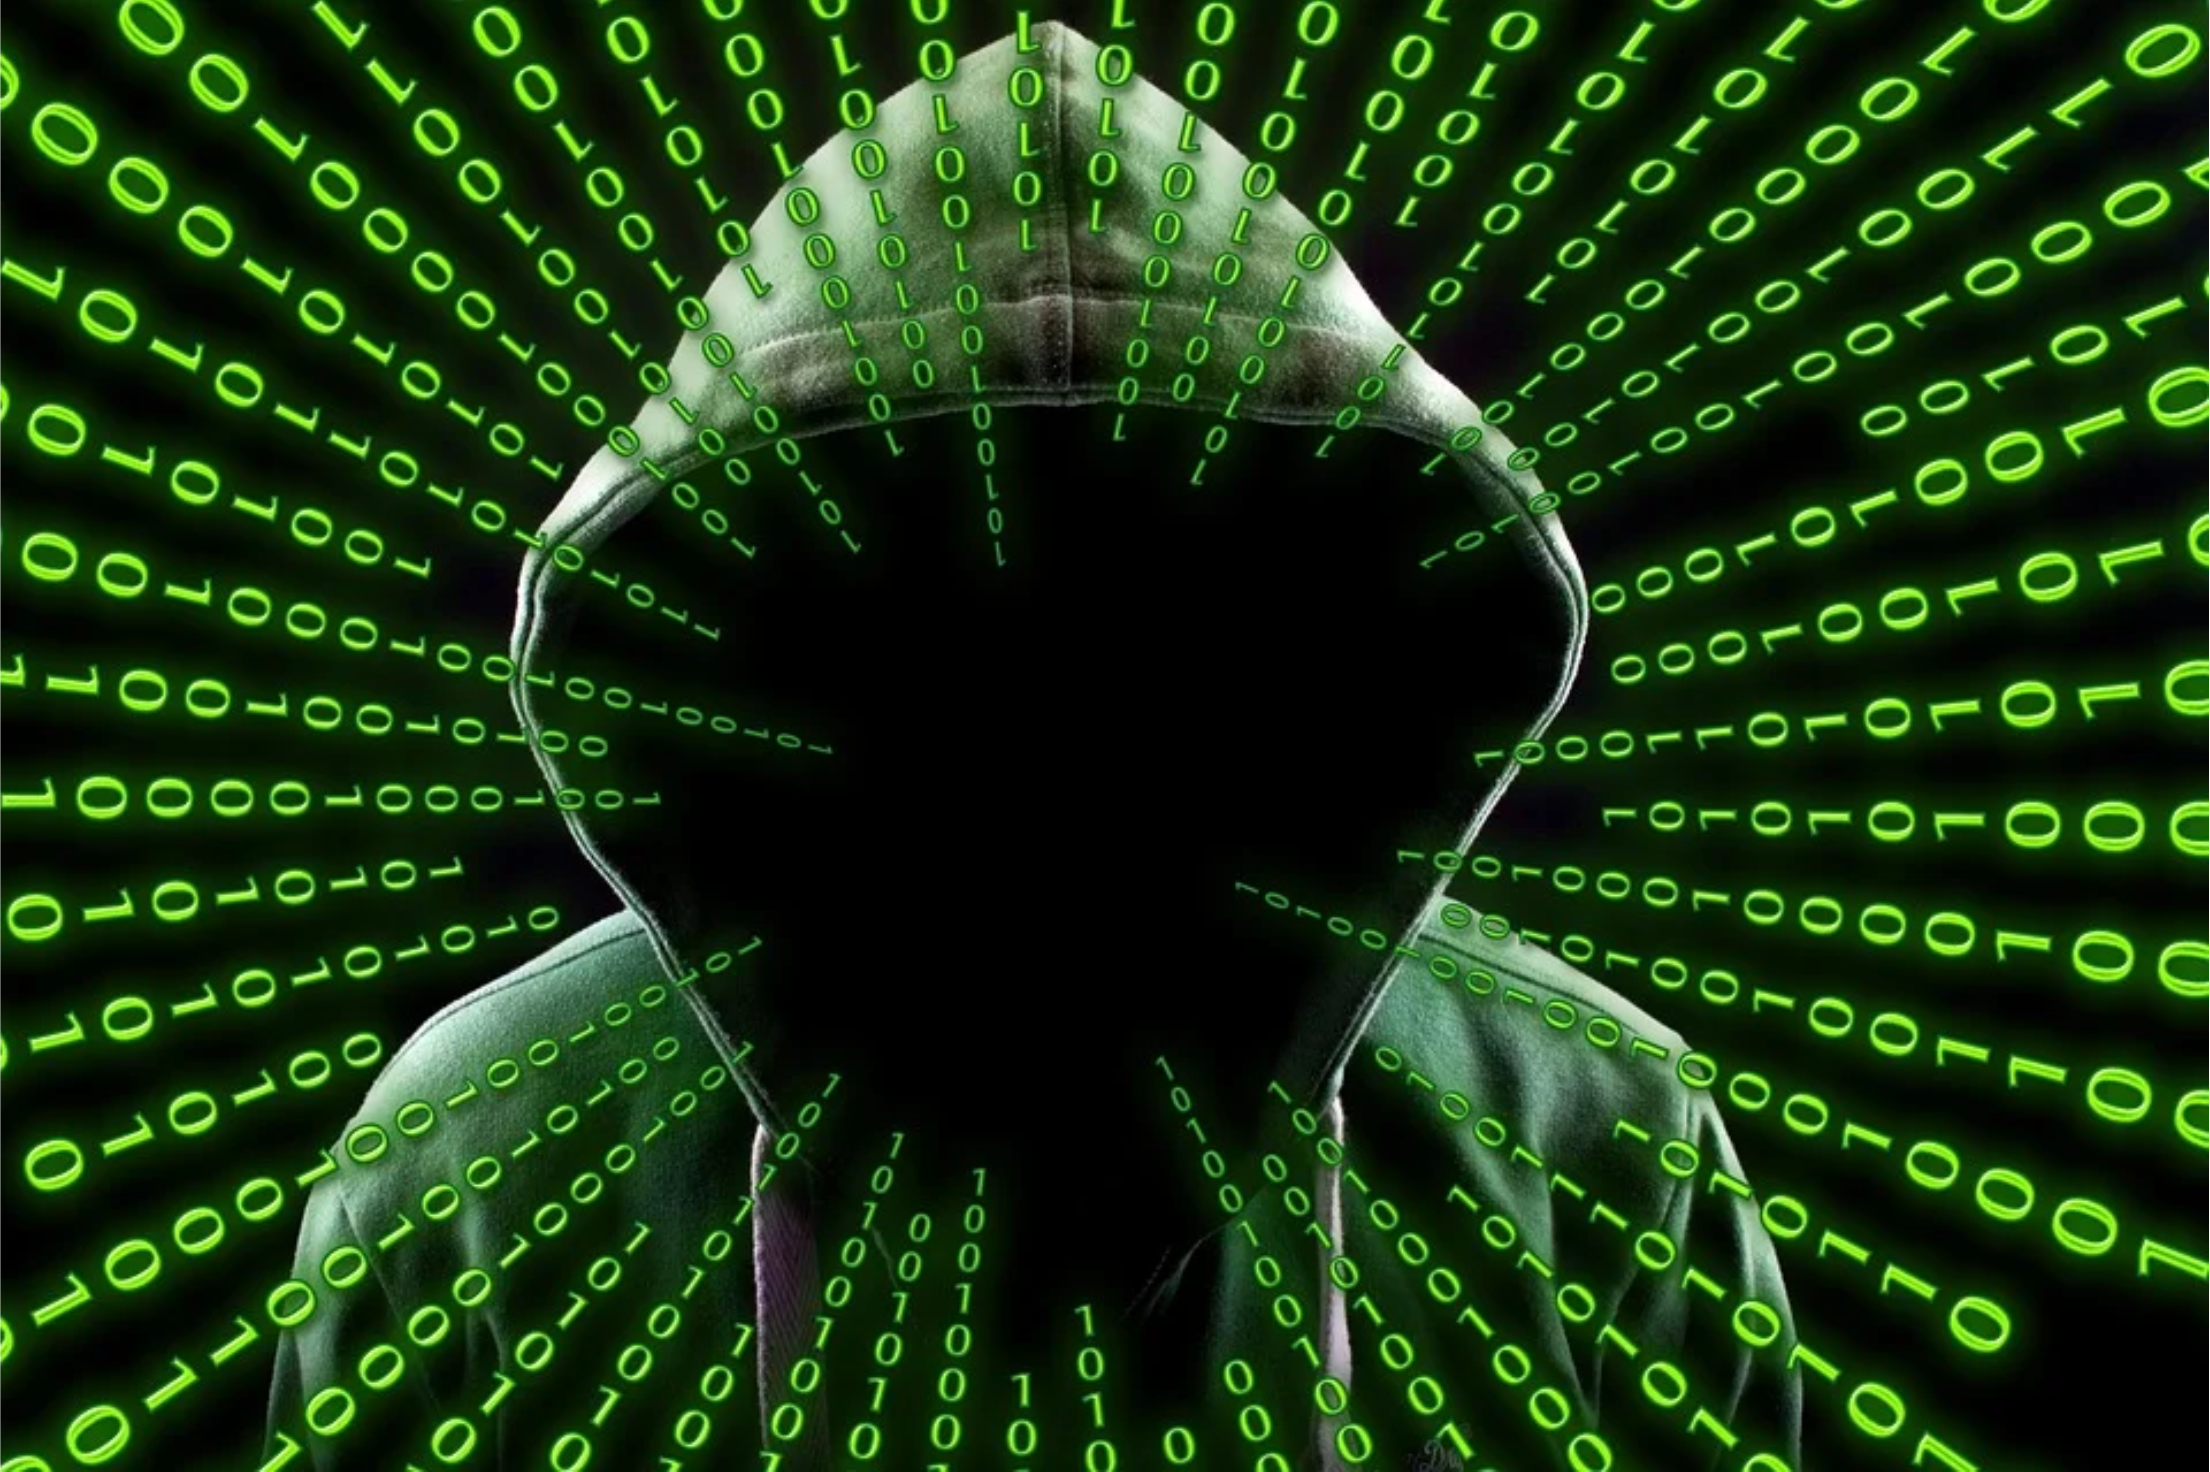 Seguro contra ciberataques dispara no Brasil com LGPD e megavazamentos